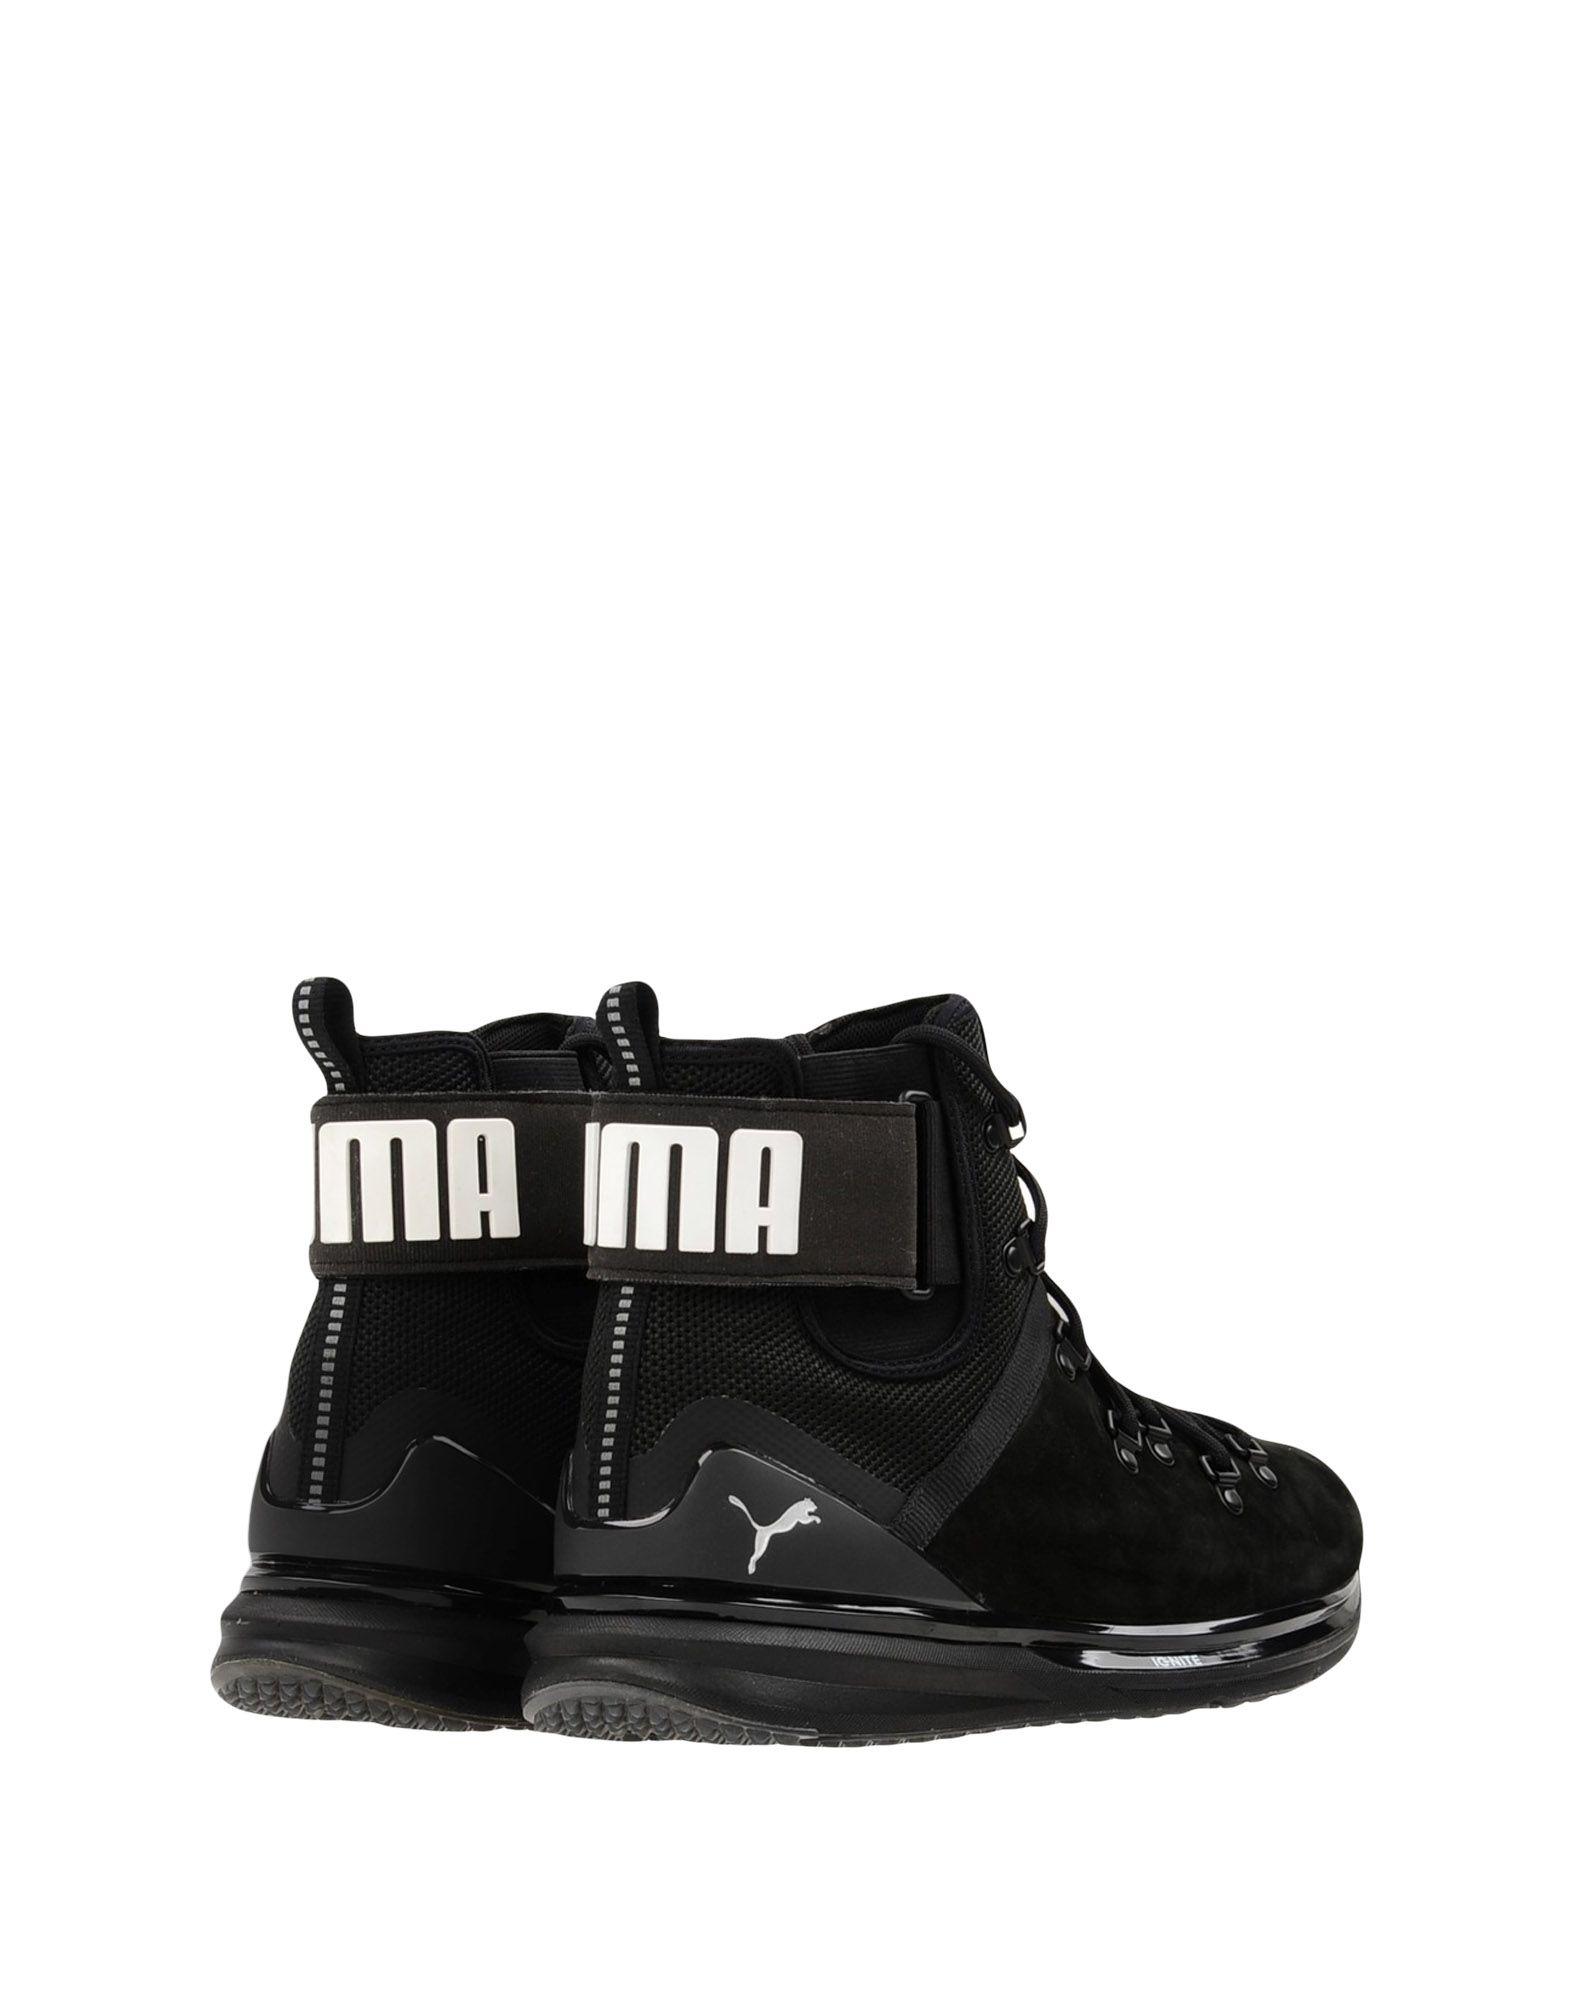 Leather Puma Ignite Limitless Boot Leather   11396023VJ b909e5